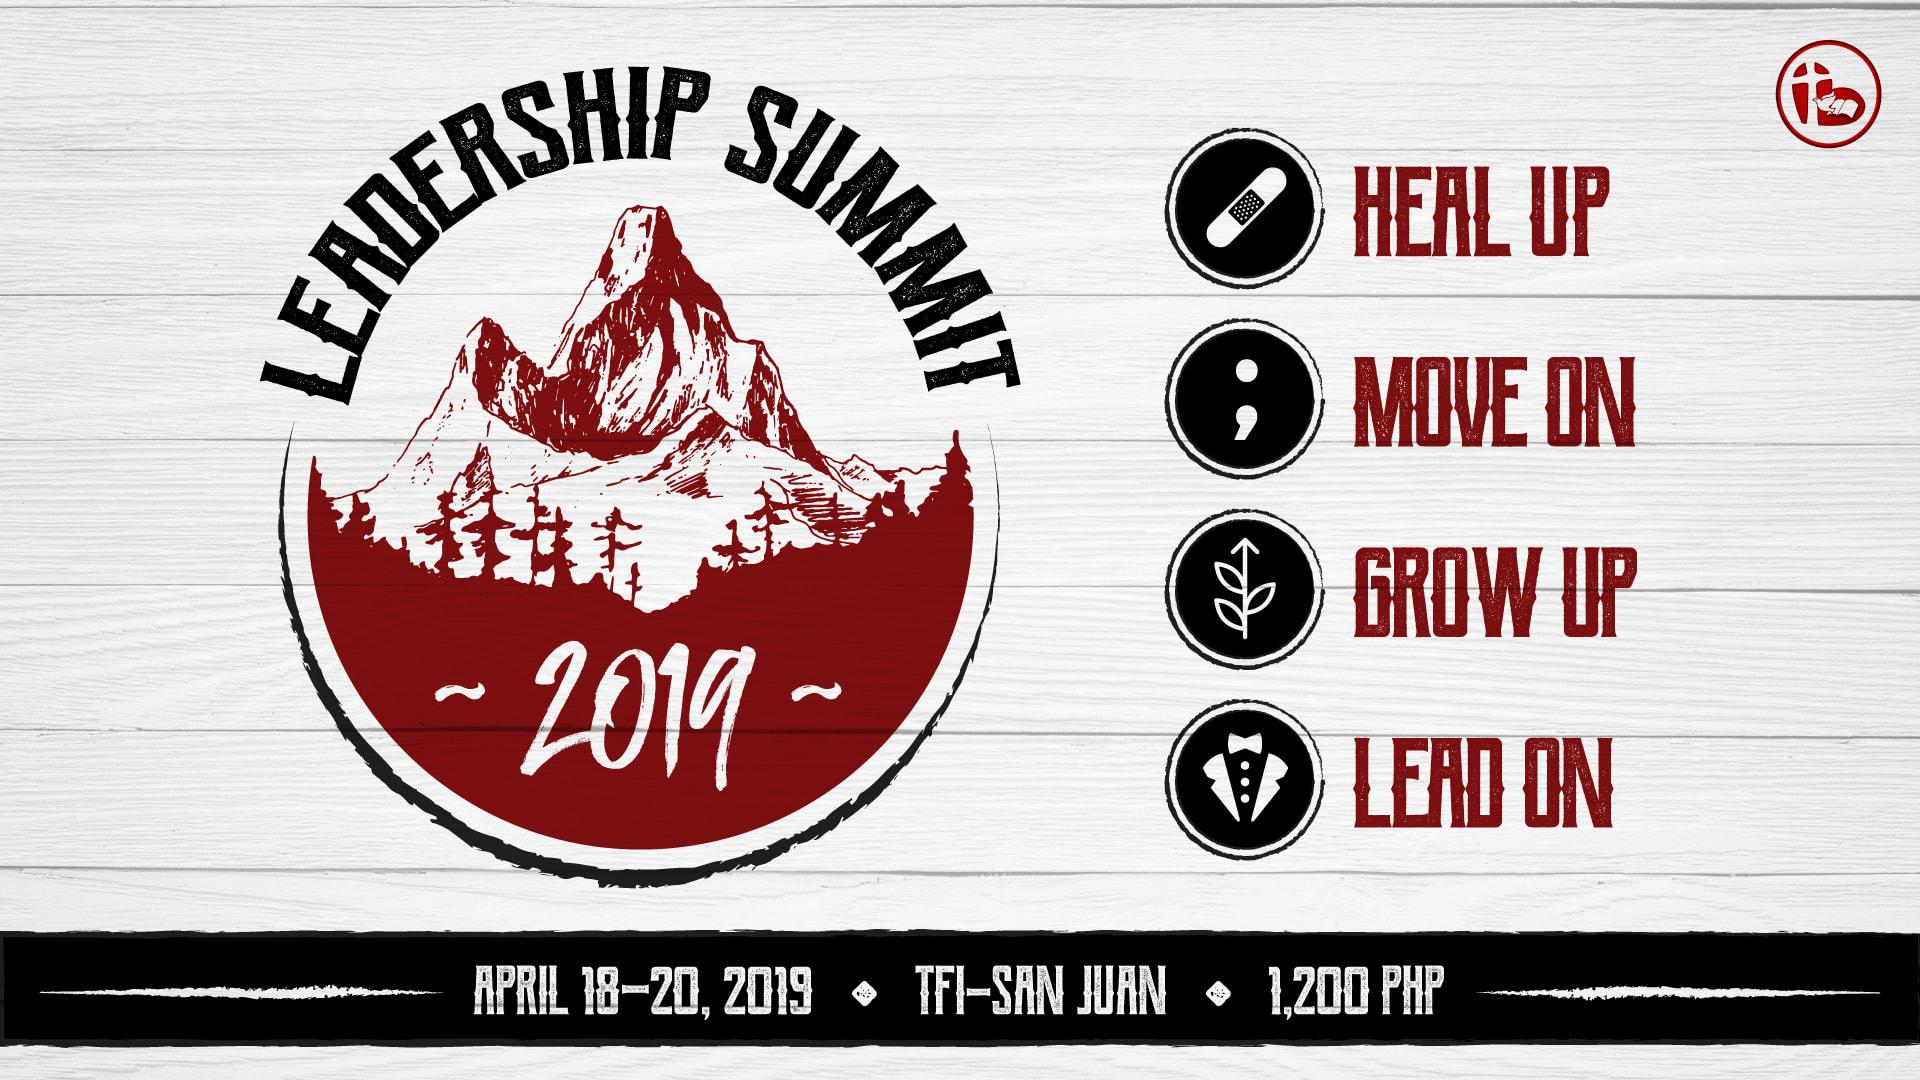 LEADERSHIP SUMMIT 2019